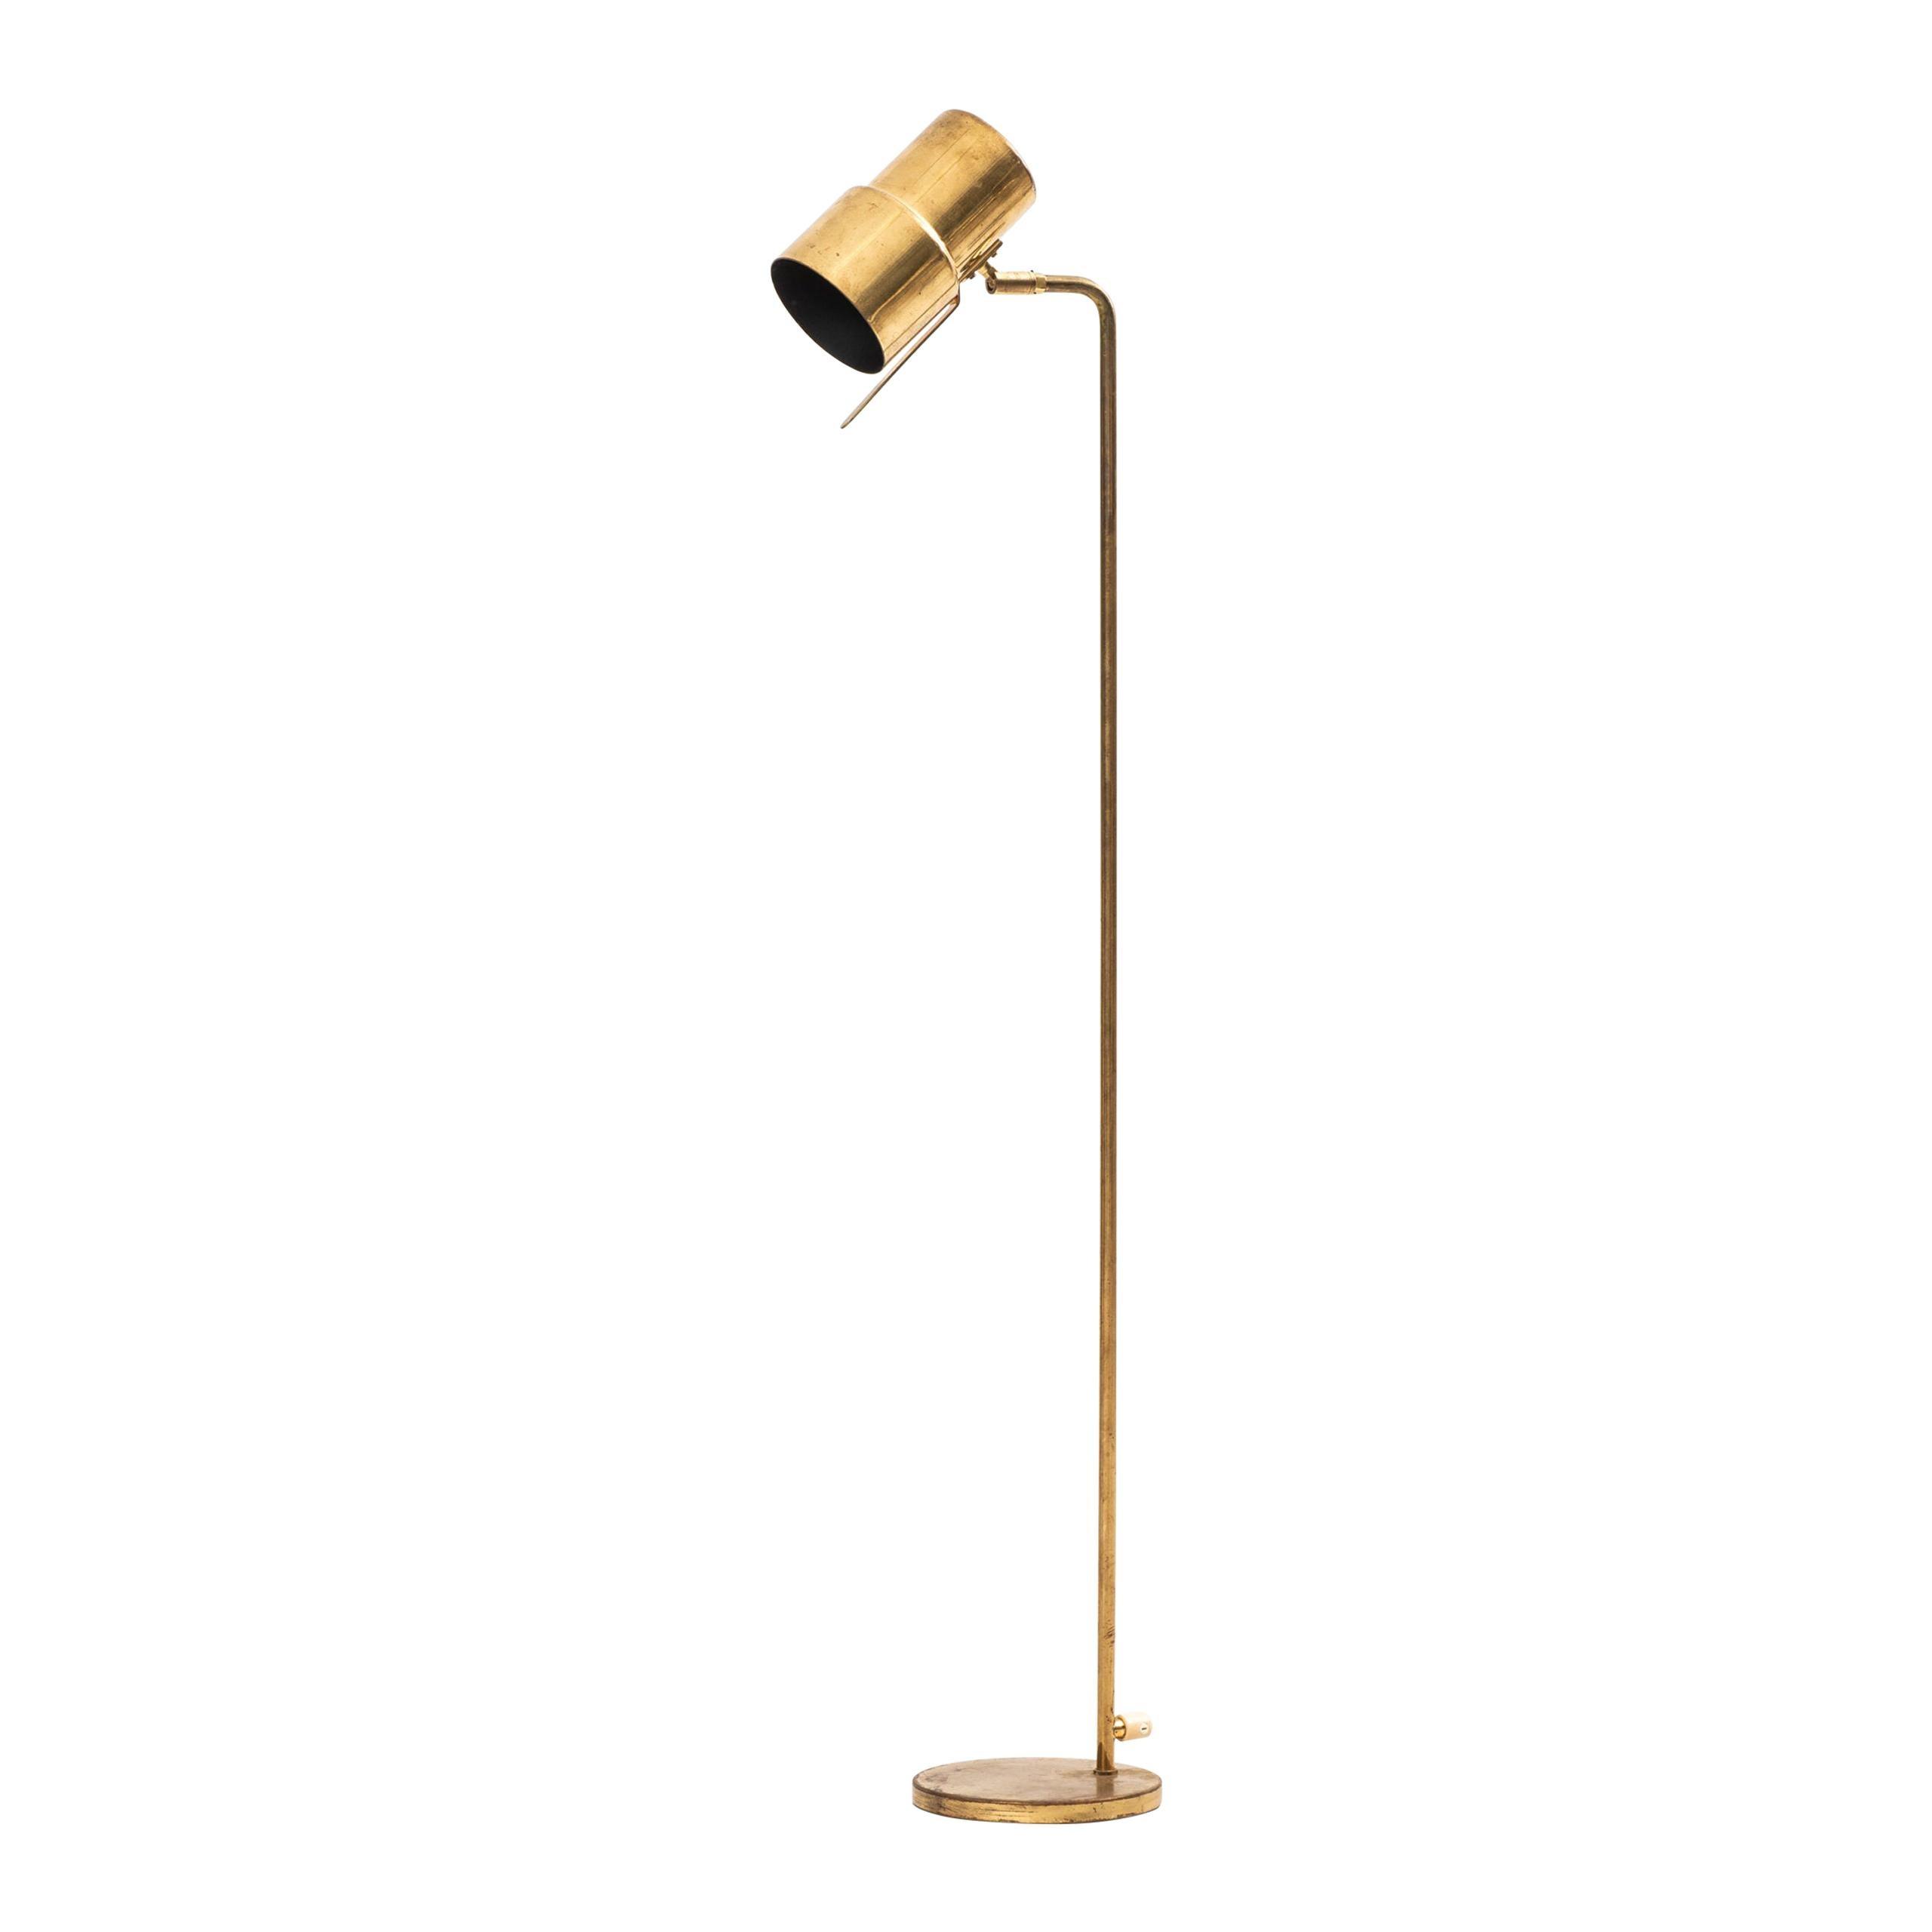 Hans-Agne Jakobsson Floor Lamp Model G-154 by Hans-Agne Jakobsson AB in Markaryd